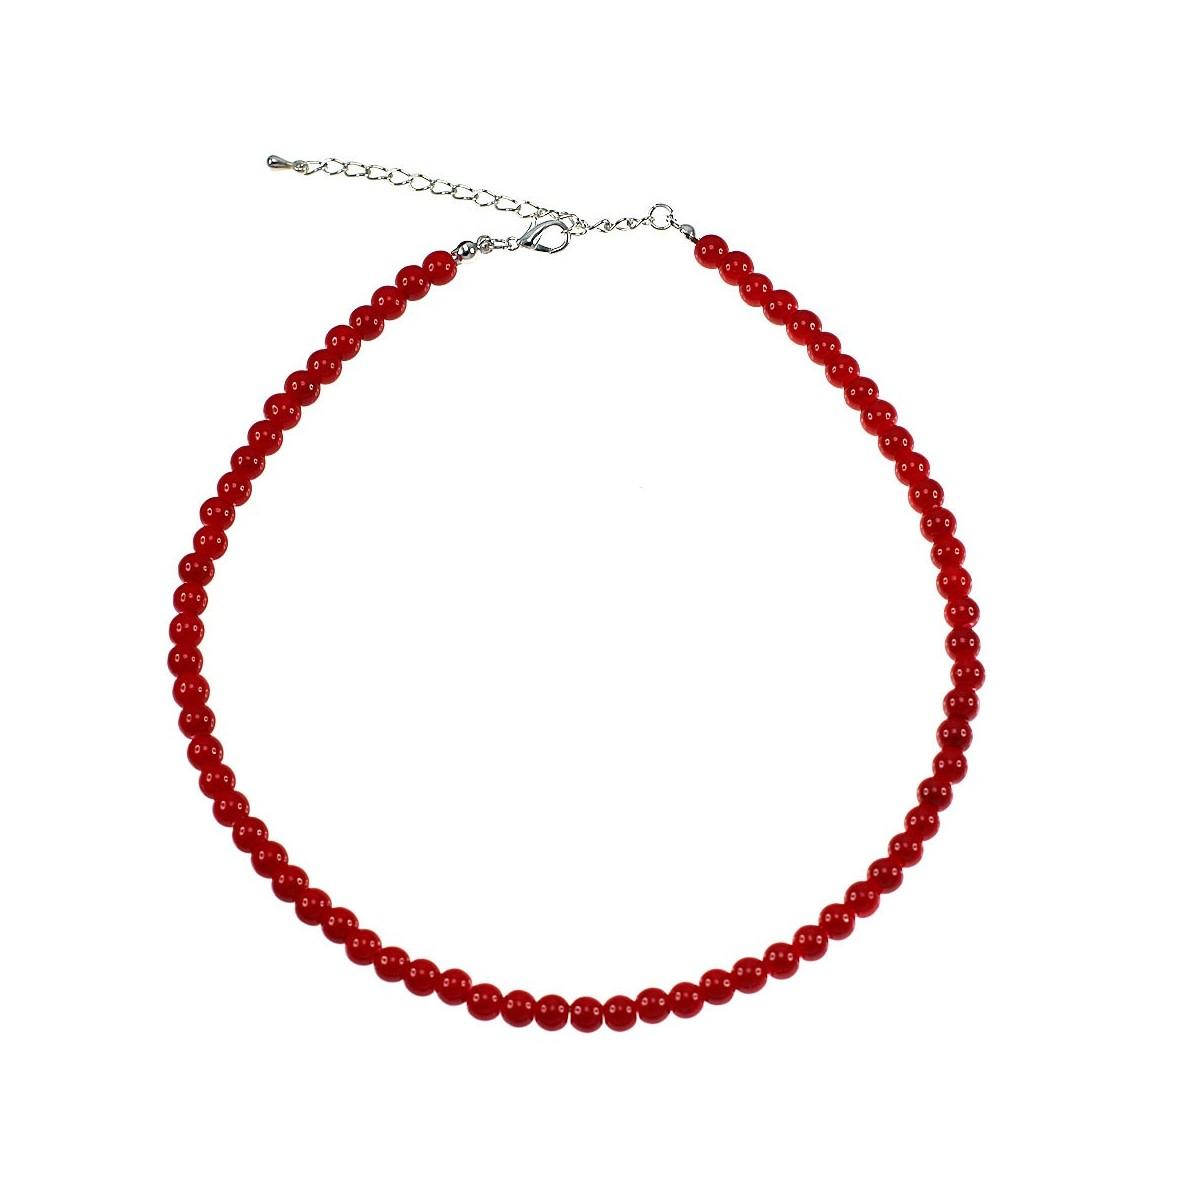 Collier perles de verre rouge